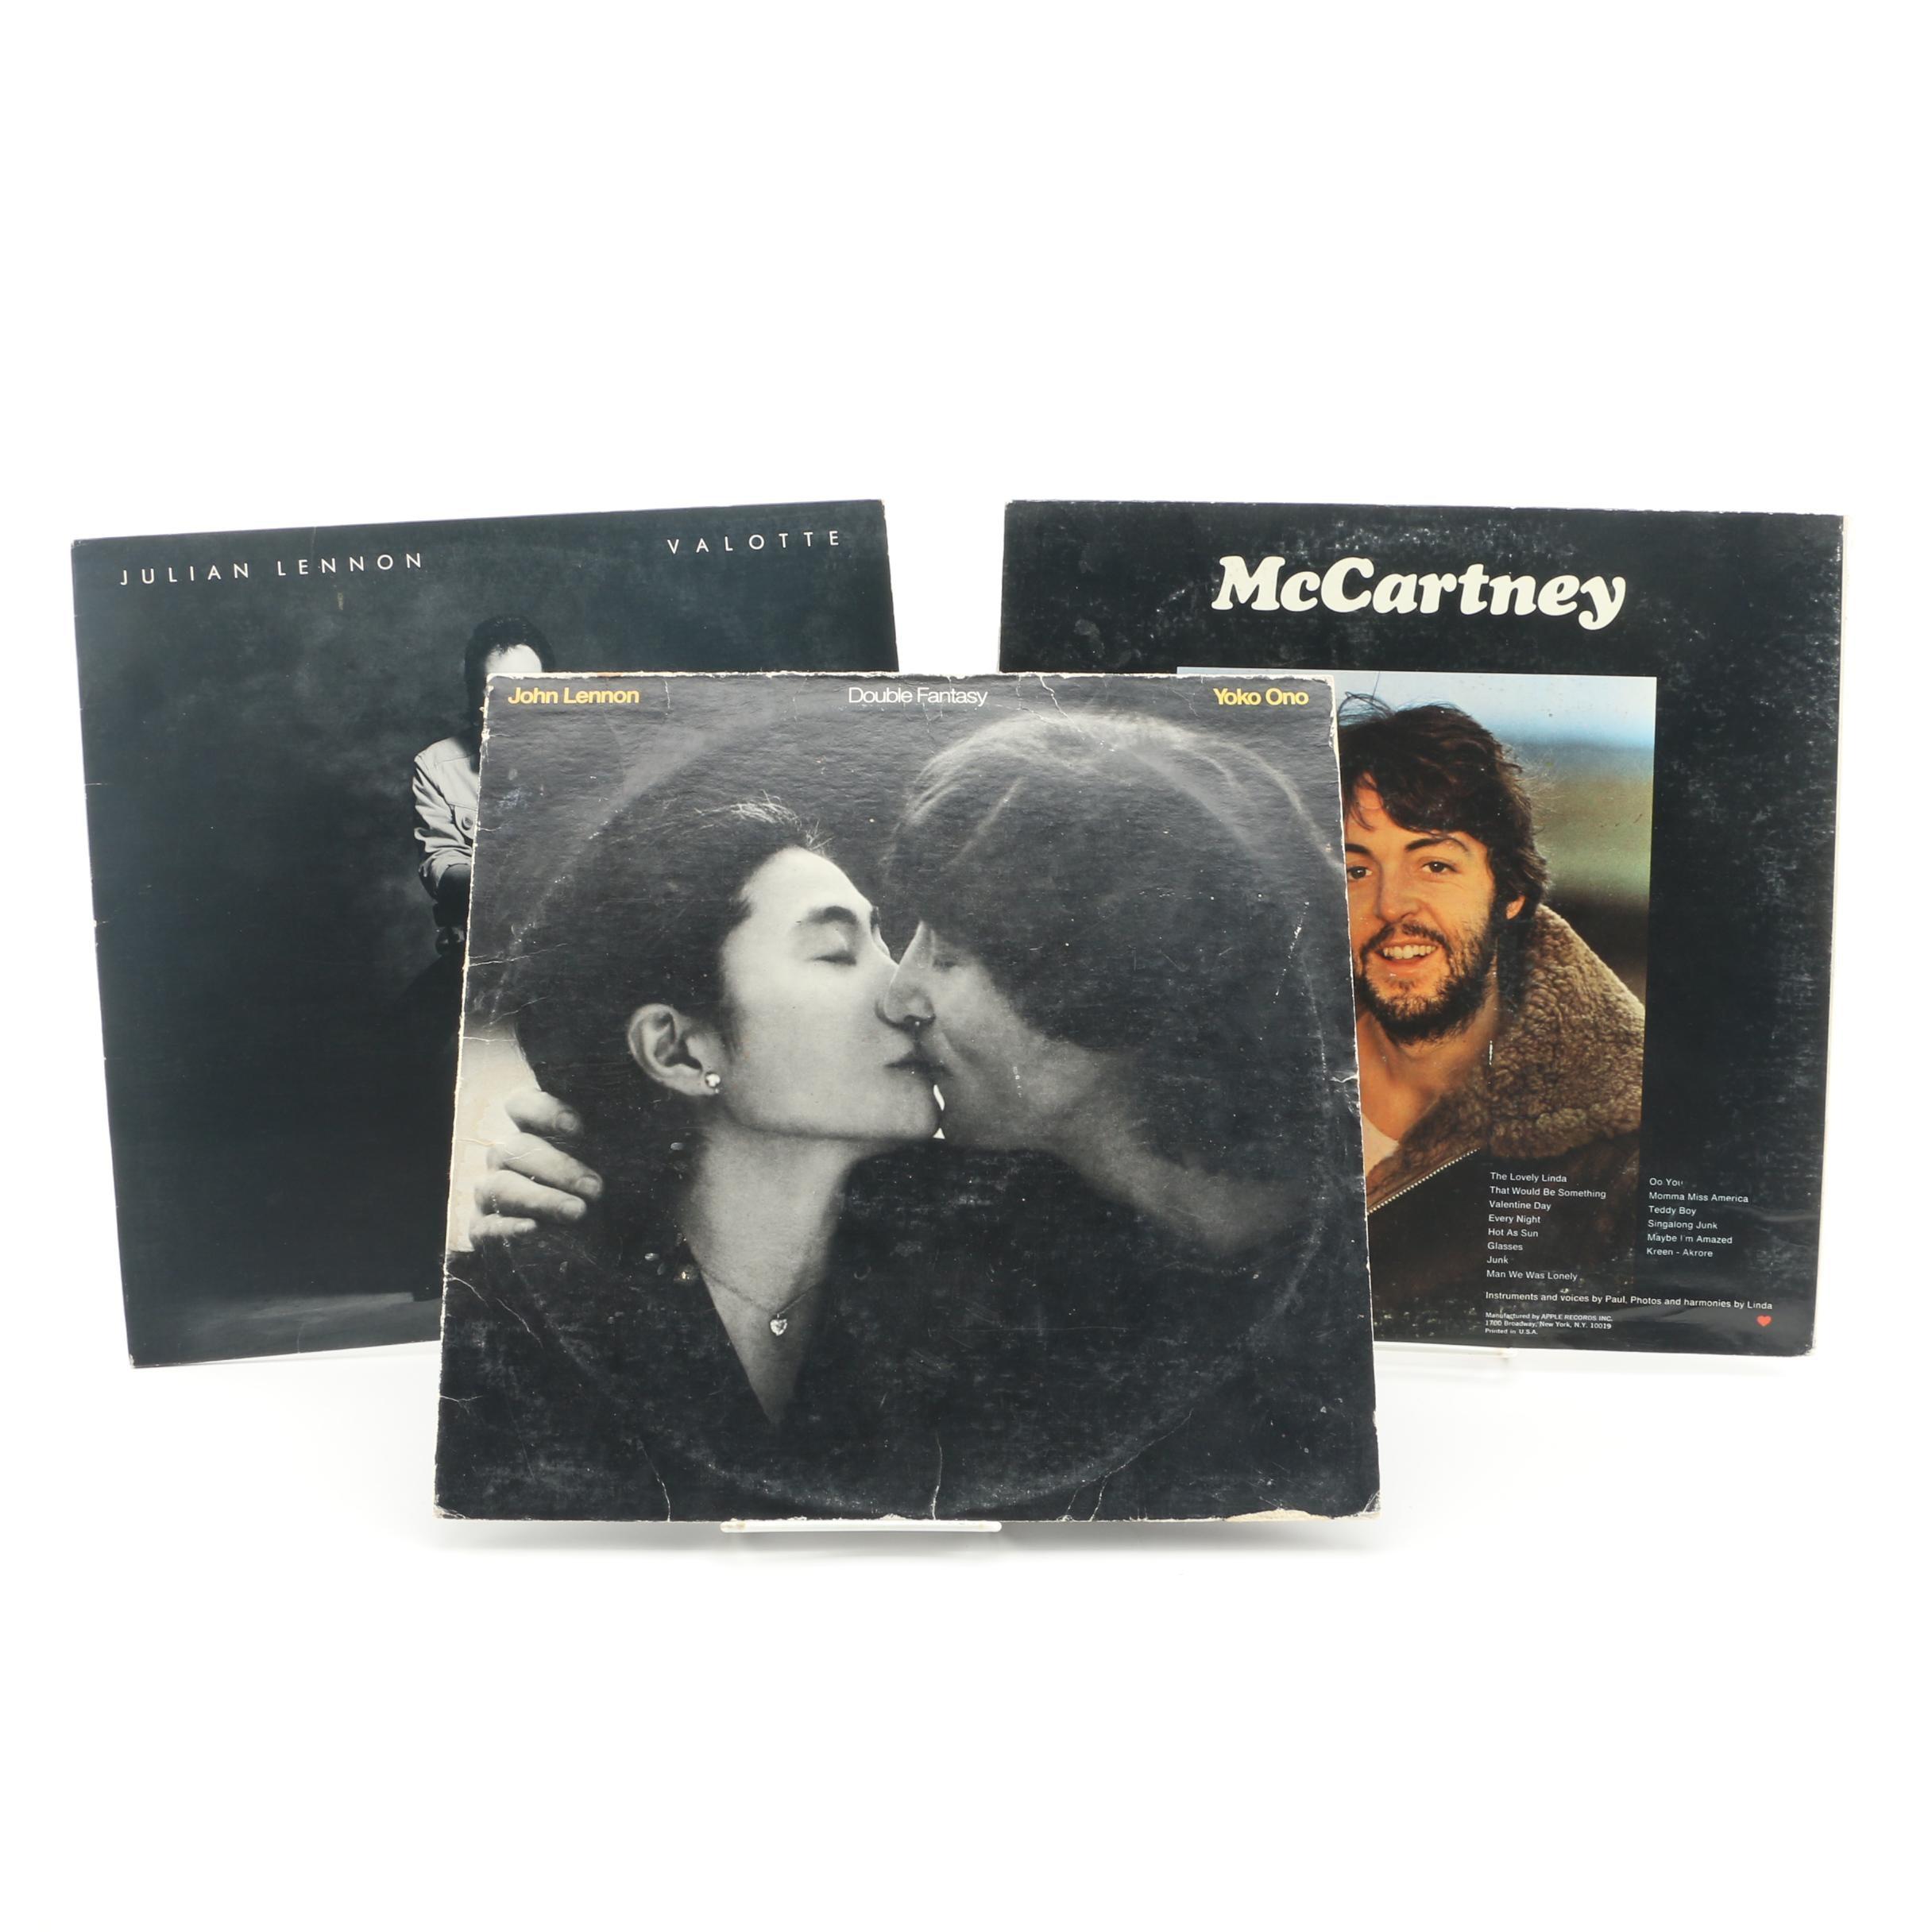 Paul McCartney, John Lennon and Julian Lennon Albums